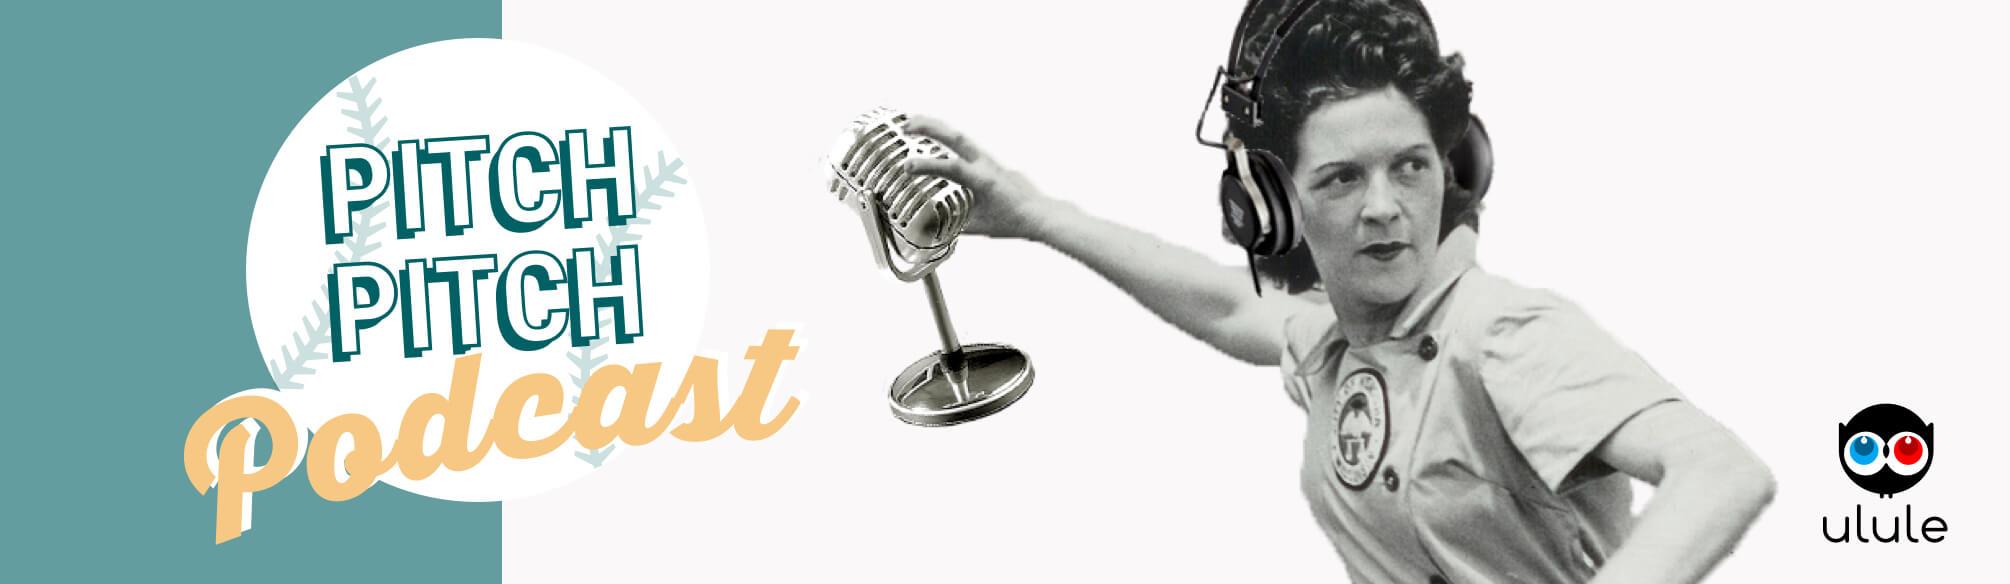 Appel à projets pour les podcasteurs